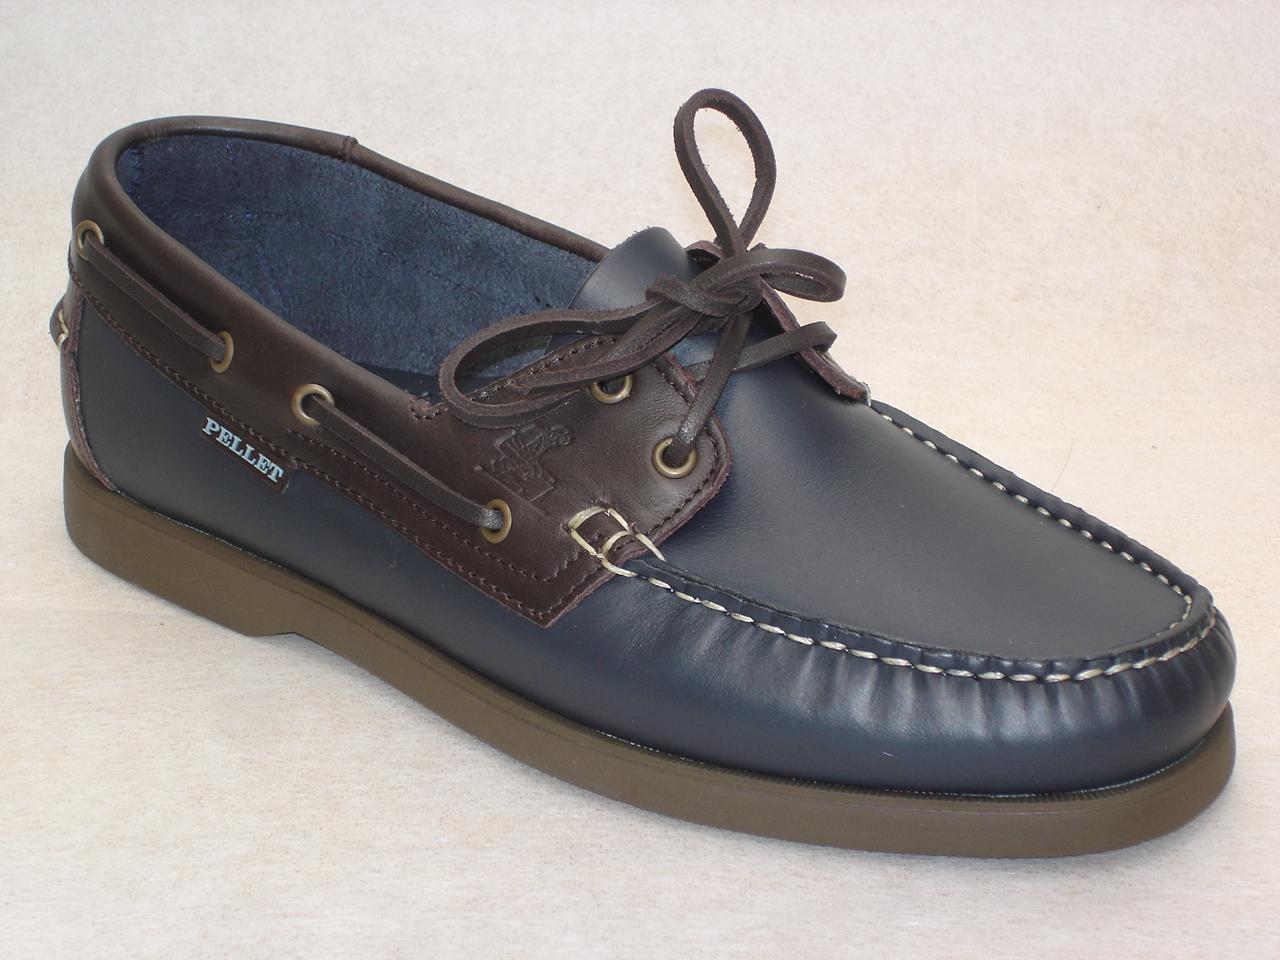 Magasin de chaussures orthopédiques à Jodoigne - Christian Pellet